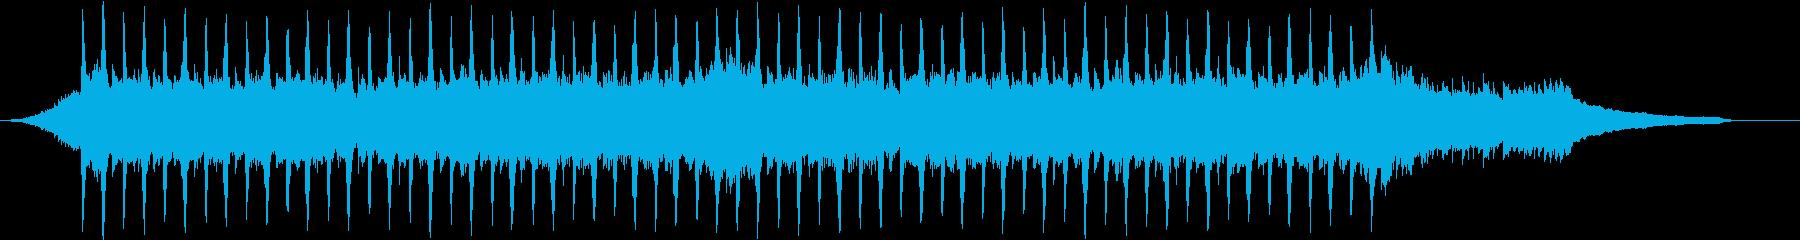 企業VP系78、爽やかピアノ、4つ打ちcの再生済みの波形